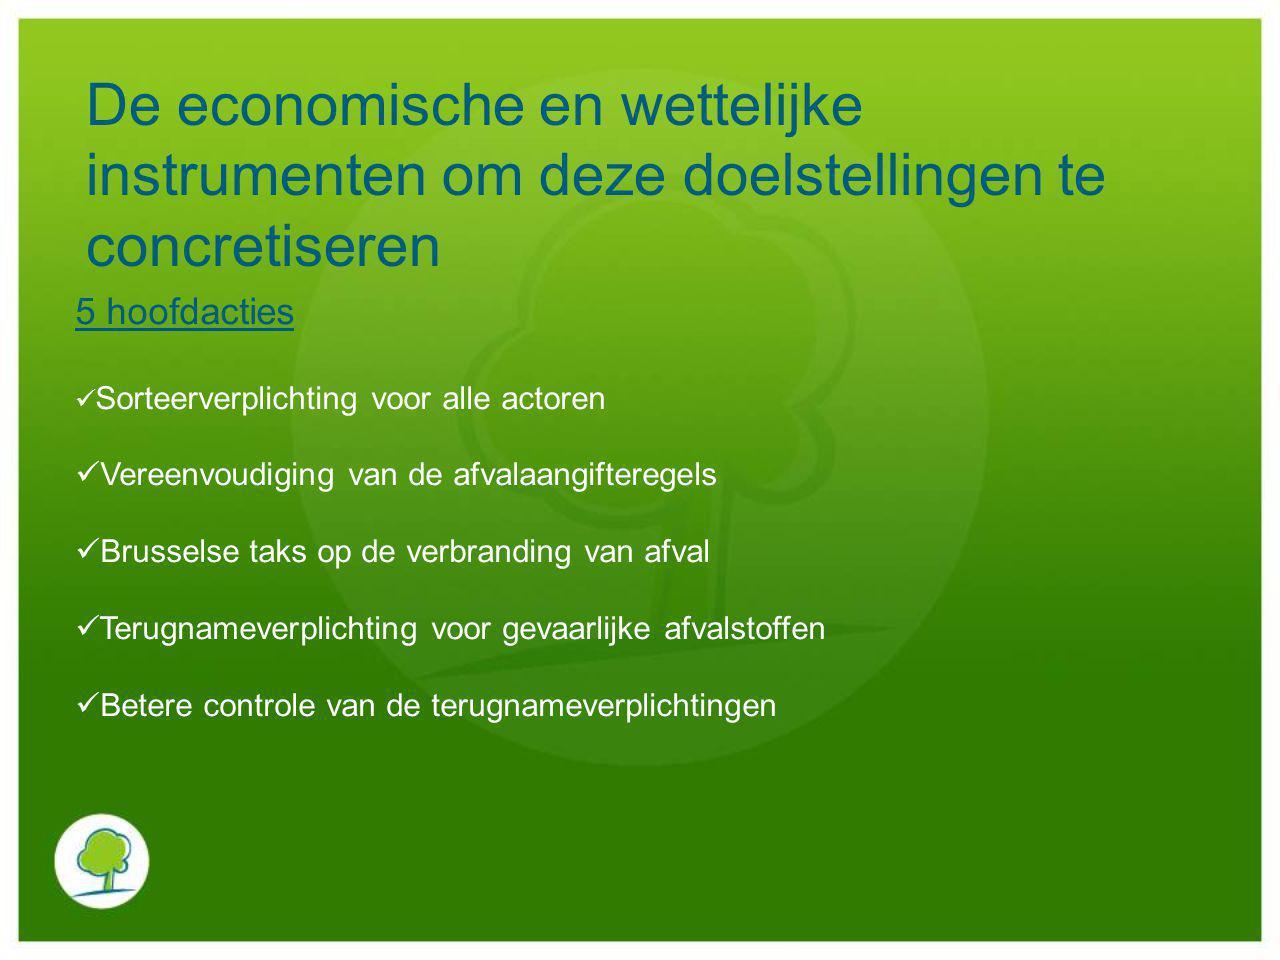 De economische en wettelijke instrumenten om deze doelstellingen te concretiseren 5 hoofdacties Sorteerverplichting voor alle actoren Vereenvoudiging